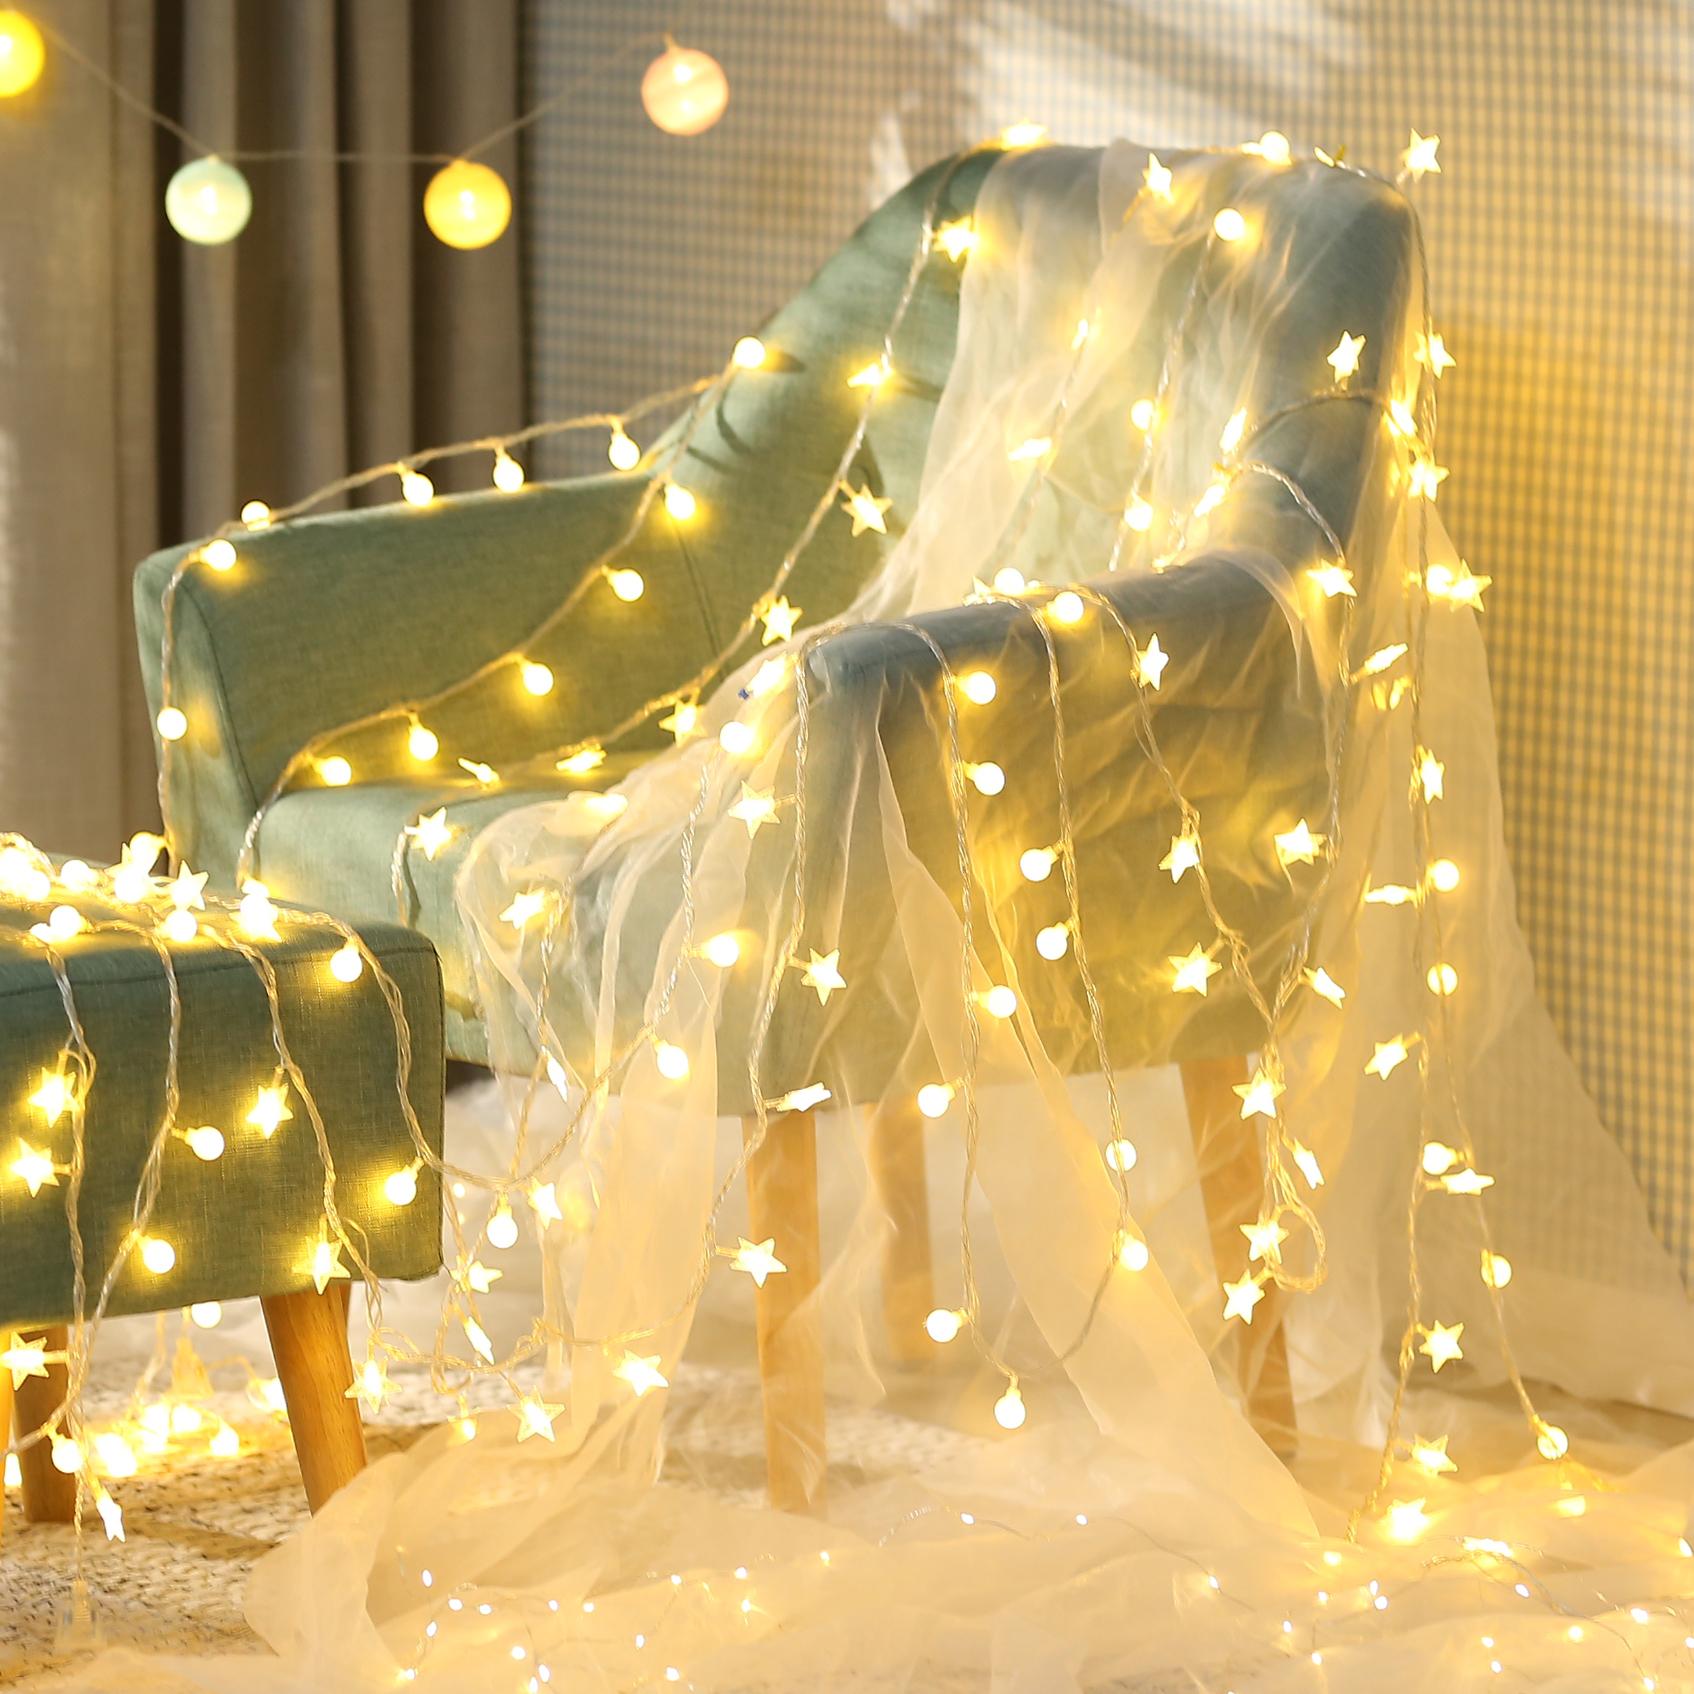 LED звезда свет строка фонарь вспышка строка свет в небе звезда ins девушка сердце комната спальня декоративный свет комната с несколькими кроватями ткань положить